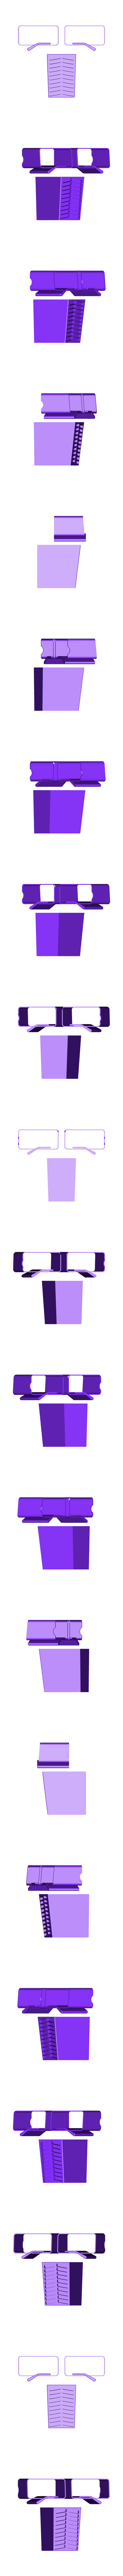 Torso-Silver.stl Download free STL file Big Optimus Prime! - Multi Material Model • 3D printer model, ChaosCoreTech